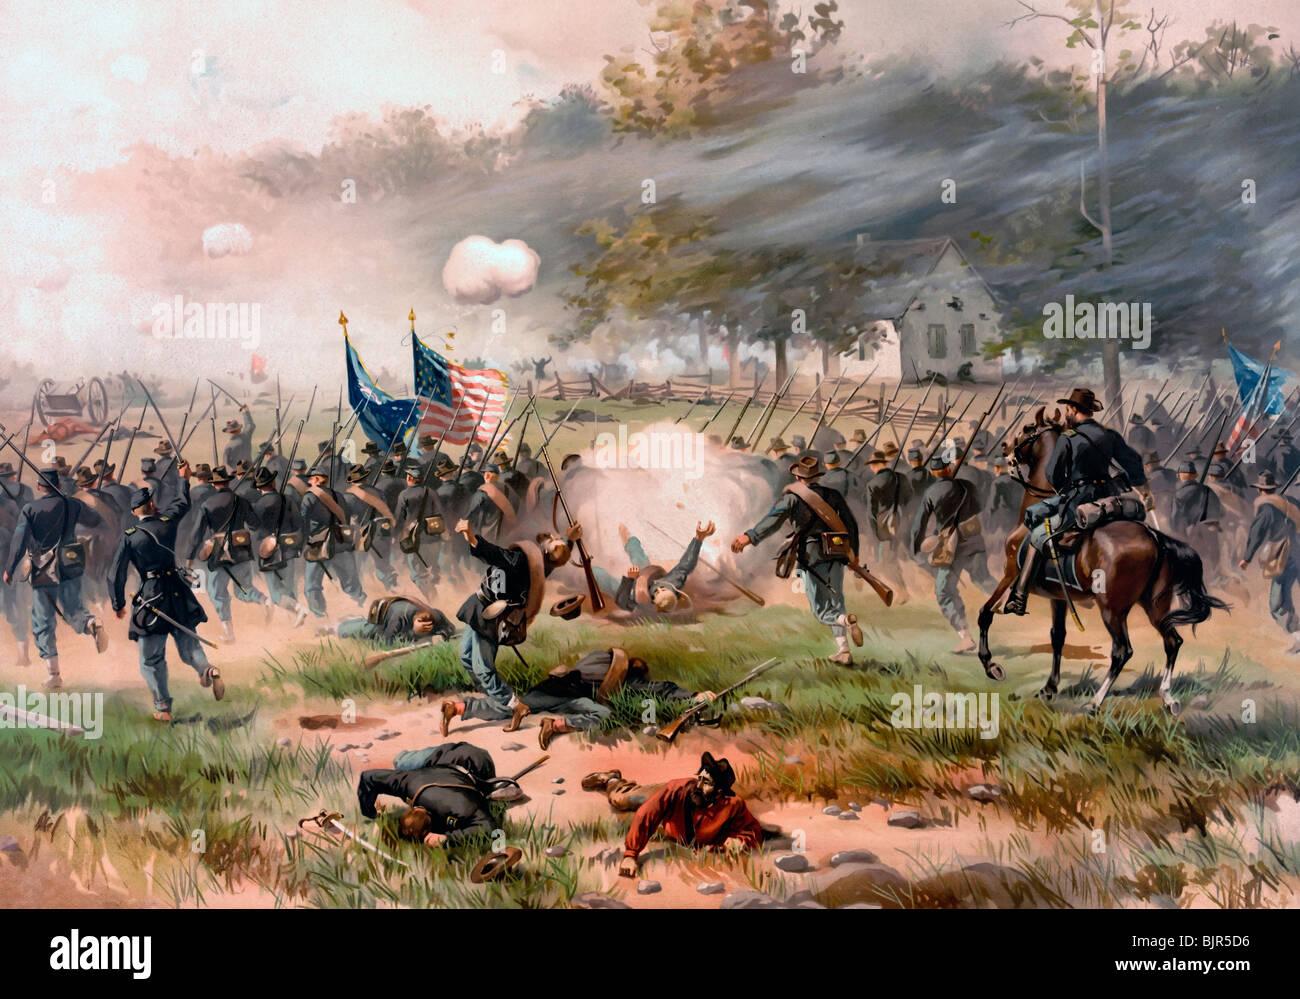 Battaglia di Antietam o Sharpsburg, combattuta il 17 settembre 1862 durante gli Stati Uniti dalla guerra civile Immagini Stock